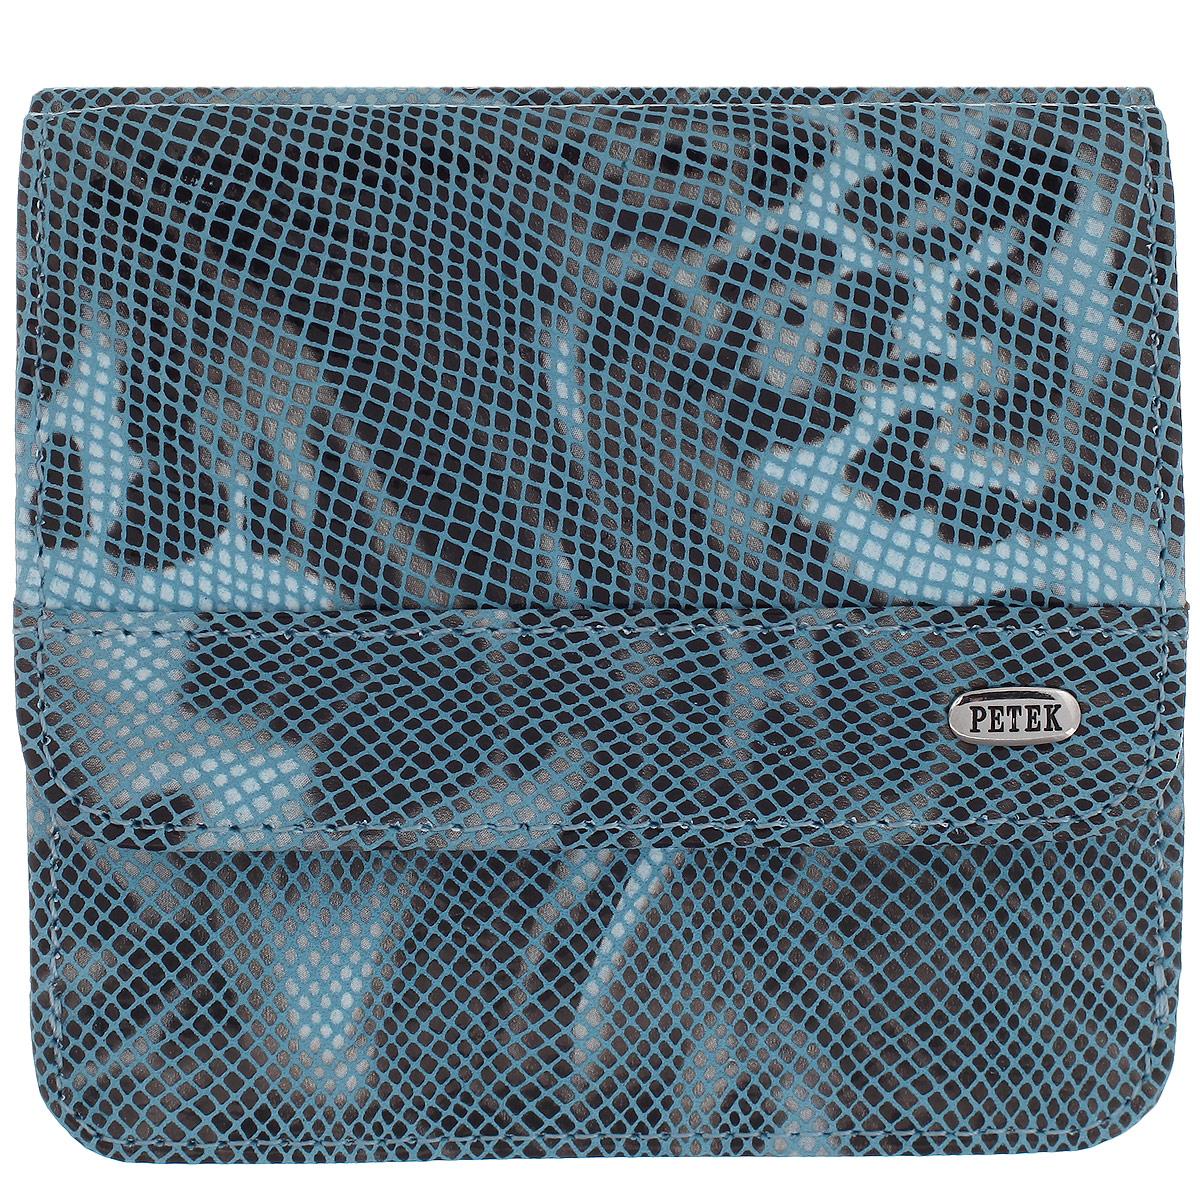 Портмоне женское Petek, цвет: голубой. 355.124.22355.124.22 L.BlueЛаконичное женское портмоне Petek выполнено из натуральной кожи с лазерной обработкой. На лицевой стороне изделие дополнено небольшой металлической пластиной с гравировкой Petek. Портмоне закрывается клапаном на застежку-кнопку. Внутри модель имеет два отделения для купюр. С лицевой стороны расположено отделение для мелочи, закрывающееся клапаном на застежку-кнопку. Под клапаном размещены 4 врезных кармана для пластиковых карт. На внутренней стороне клапана расположен потайной карман. Изделие оснащено смежным карманом. Портмоне упаковано в фирменную коробку коричневого цвета с логотипом фирмы Petek 1855. Сдержанность и продуманный дизайн портмоне не оставят равнодушной ни одну представительницу прекрасной половины человечества.